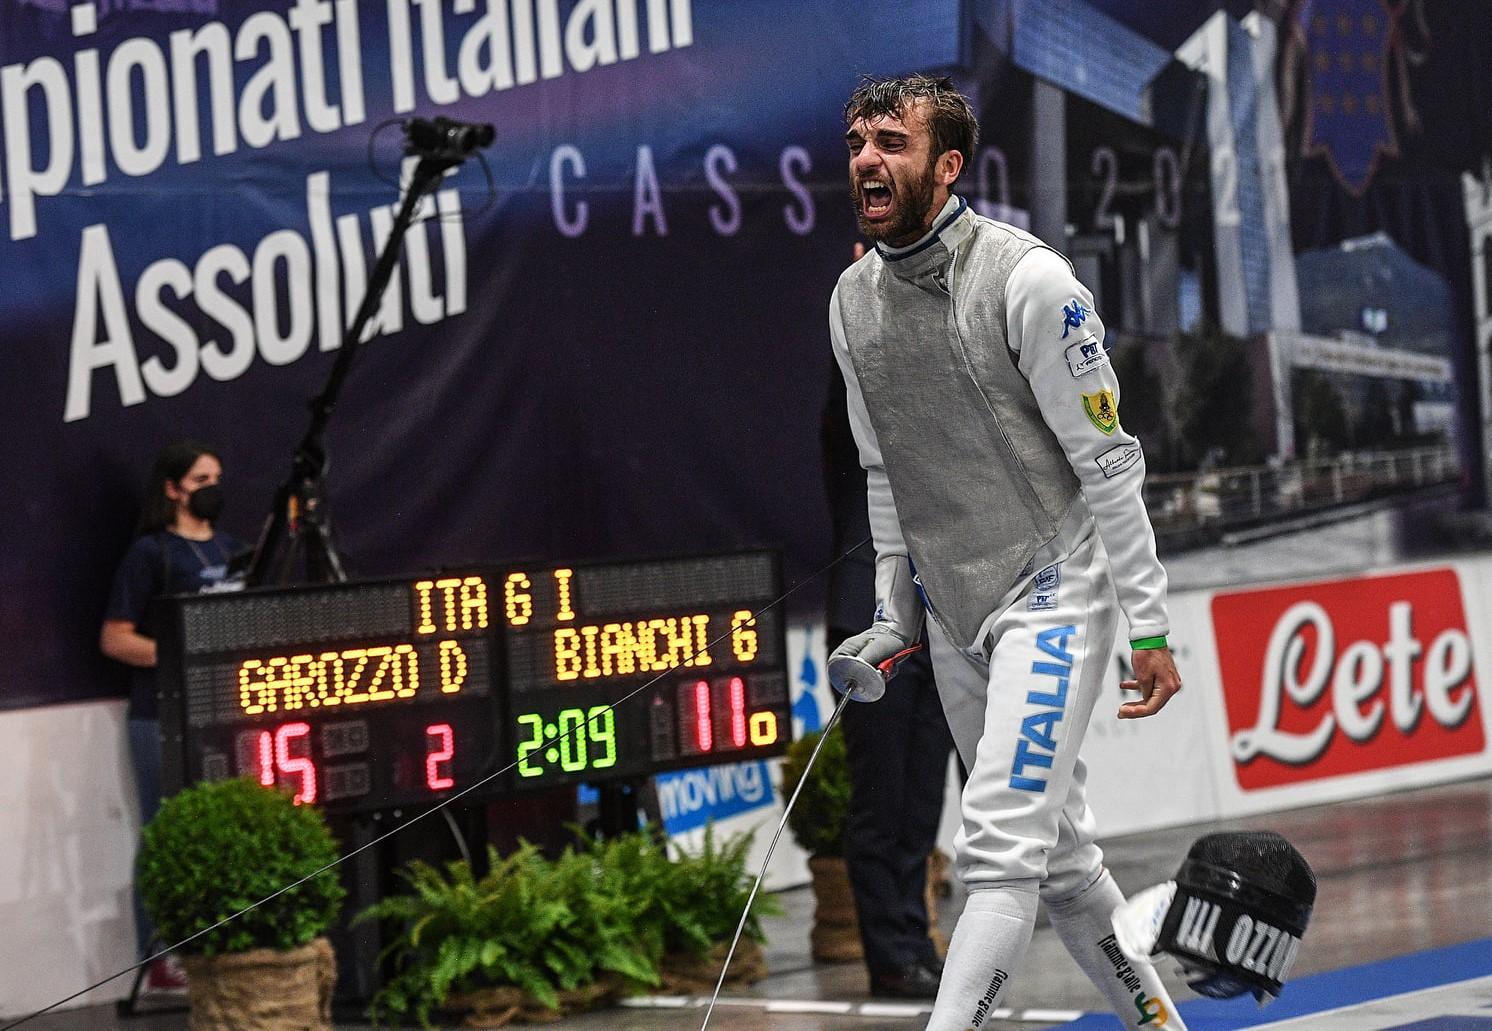 """L'olimpionico Daniele Garozzo si  racconta: """"Mi piaceva Zorro, così è nato l'amore per la scherma"""""""